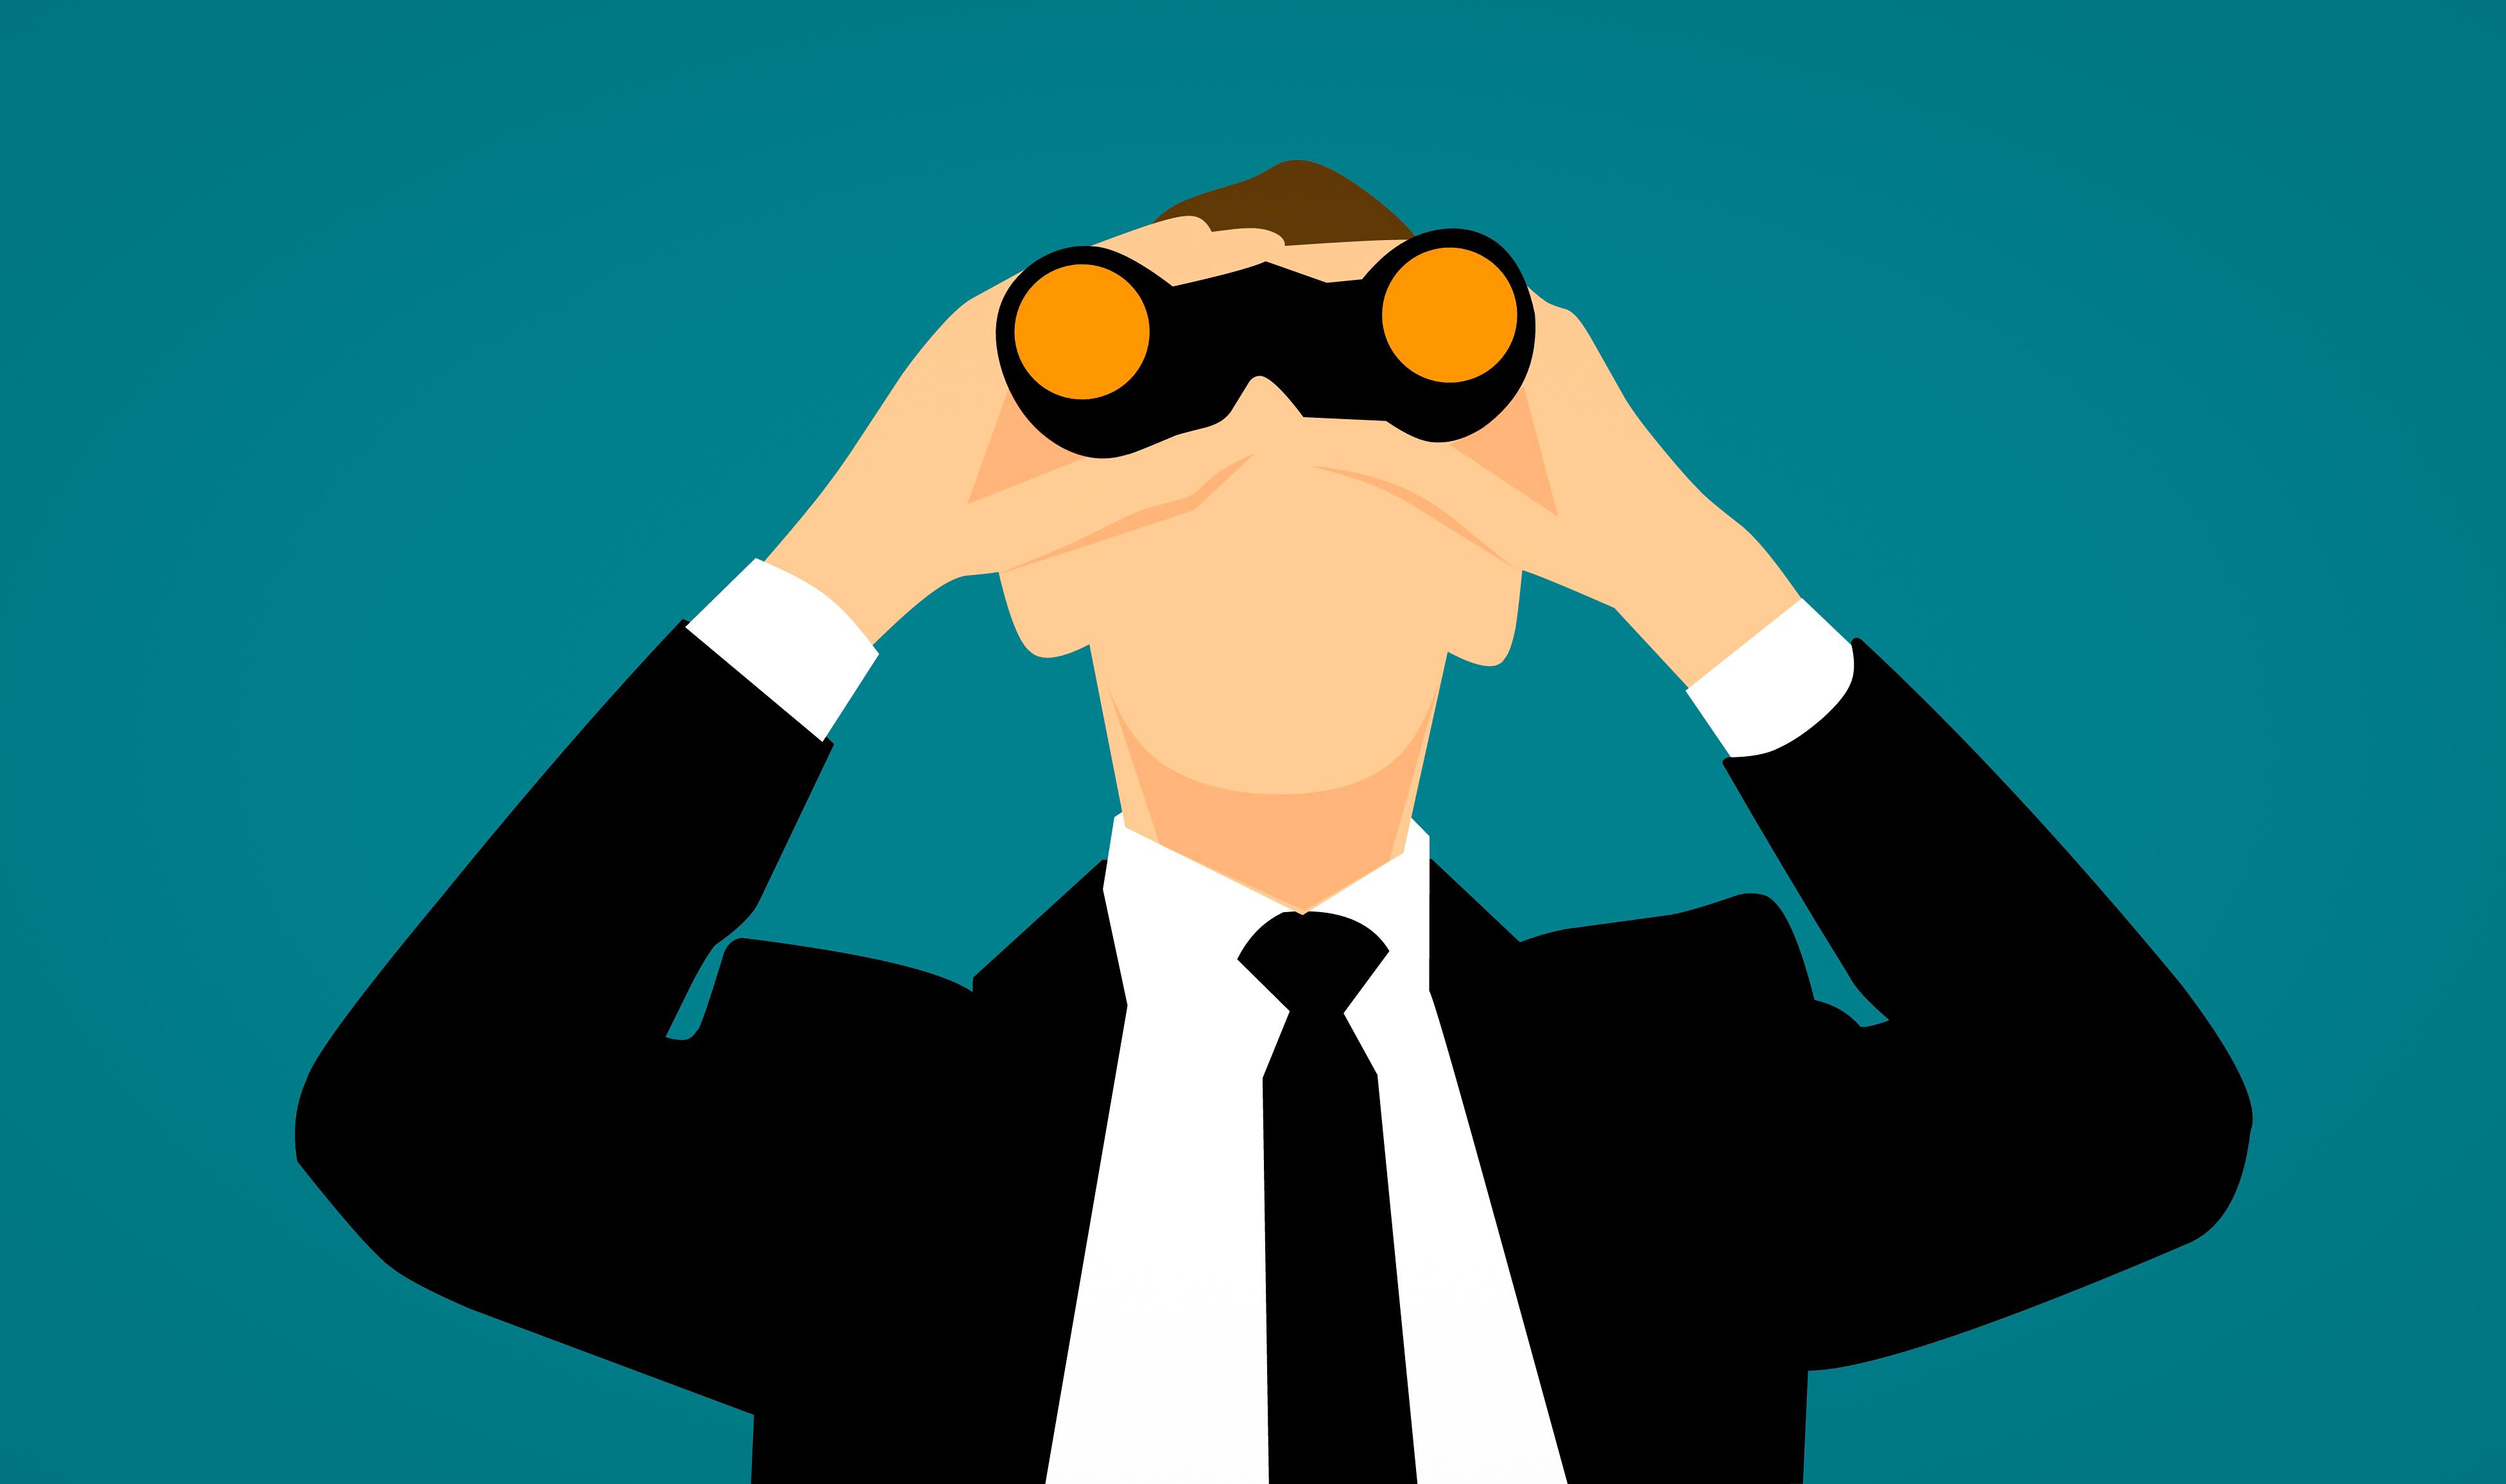 Gambar Mengamati Pemantauan Mengintai Pencarian Pekerjaan